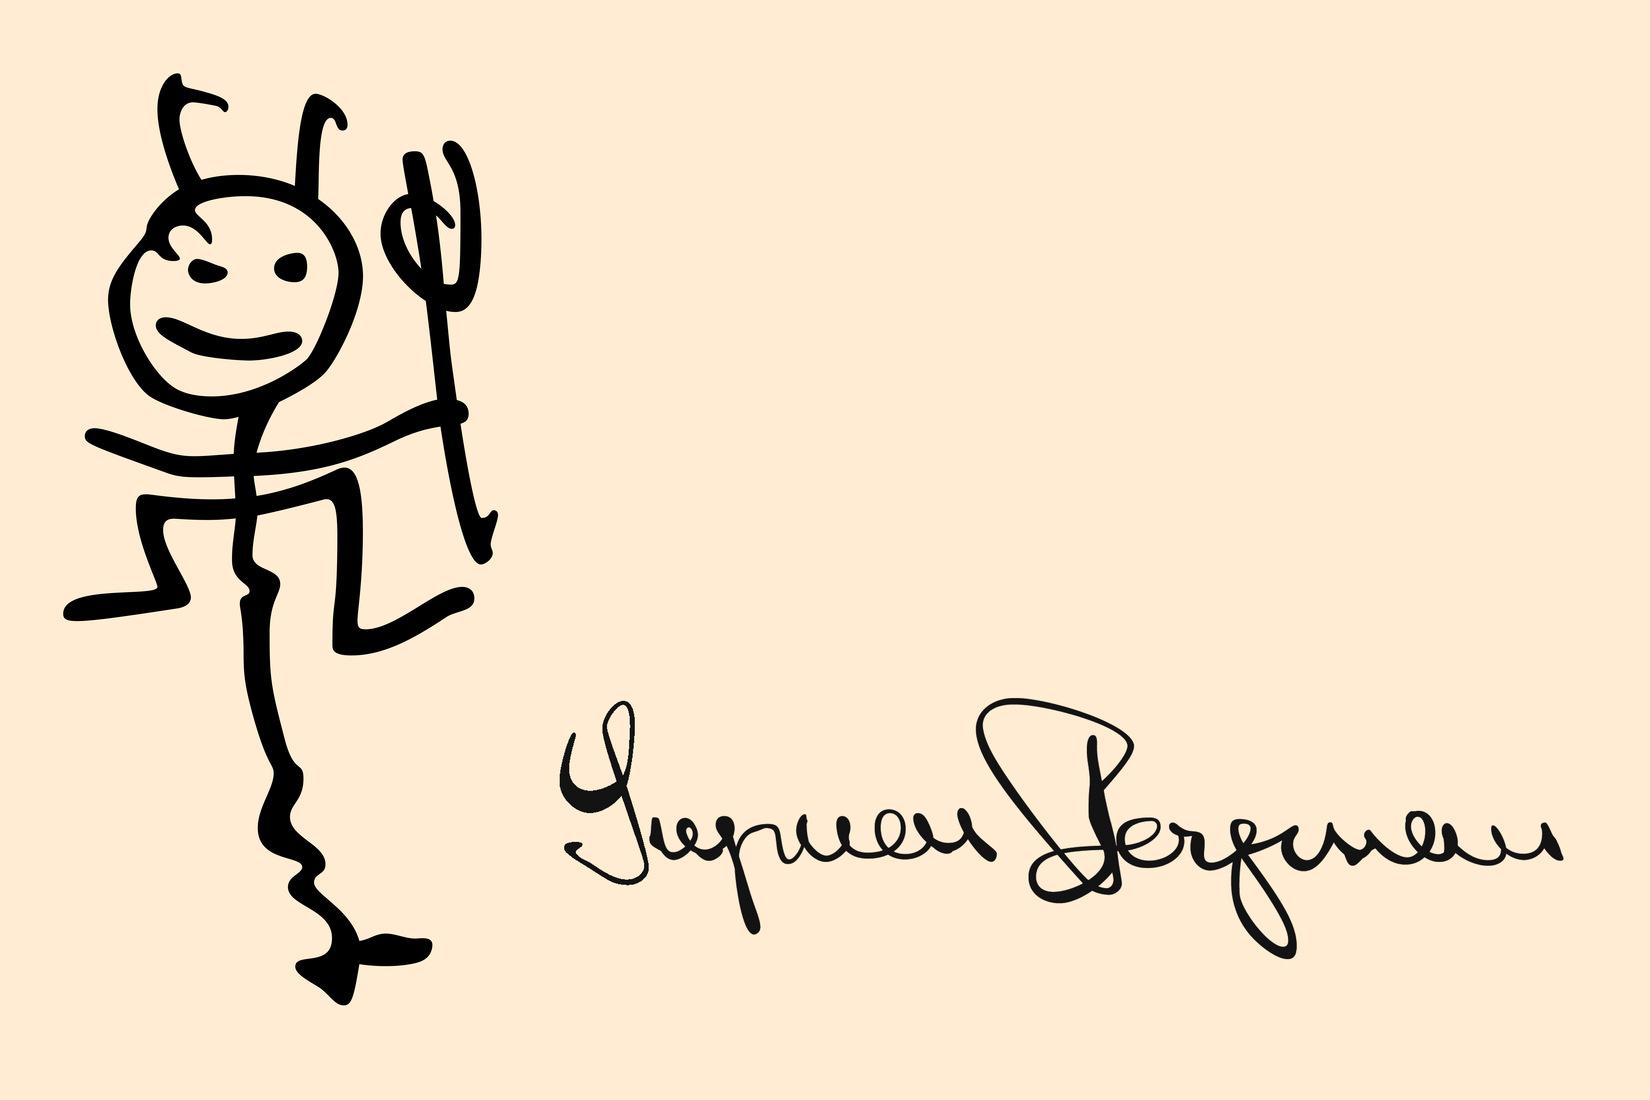 Signature d'Ingmar Bergman -et croquis d'un eptit diable à main levé réalisé par le réalisateur